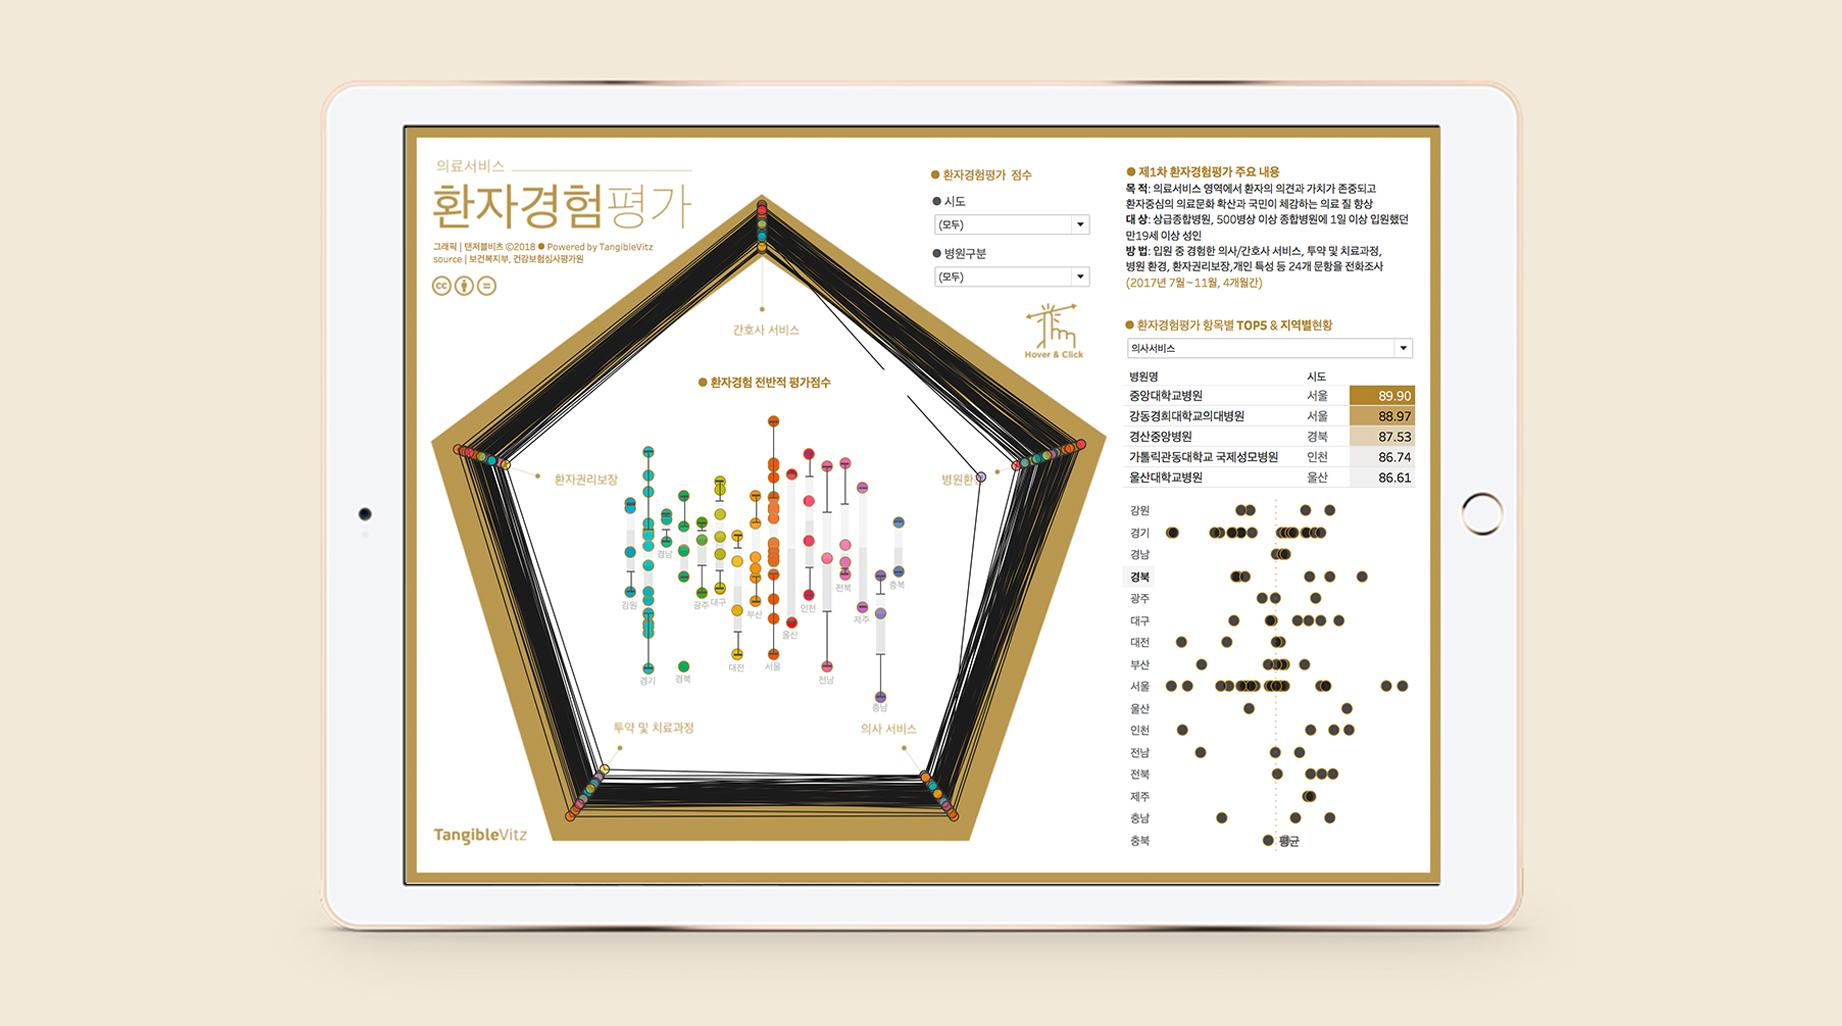 환자경험평가 데이터시각화 by 탠저블비츠